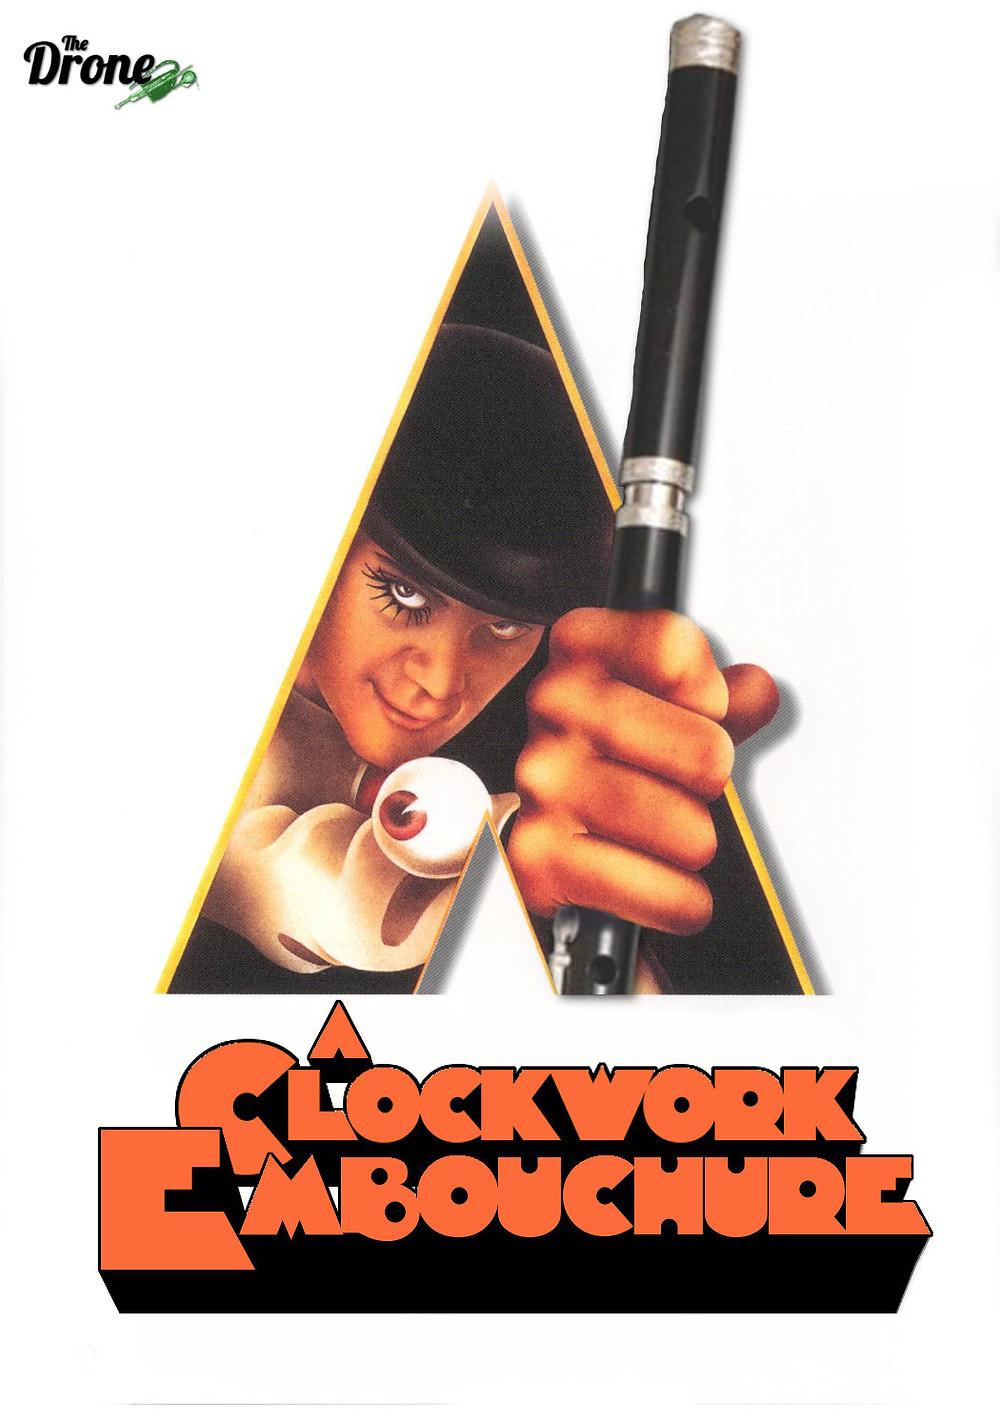 AClockworkEmbouchure.jpg